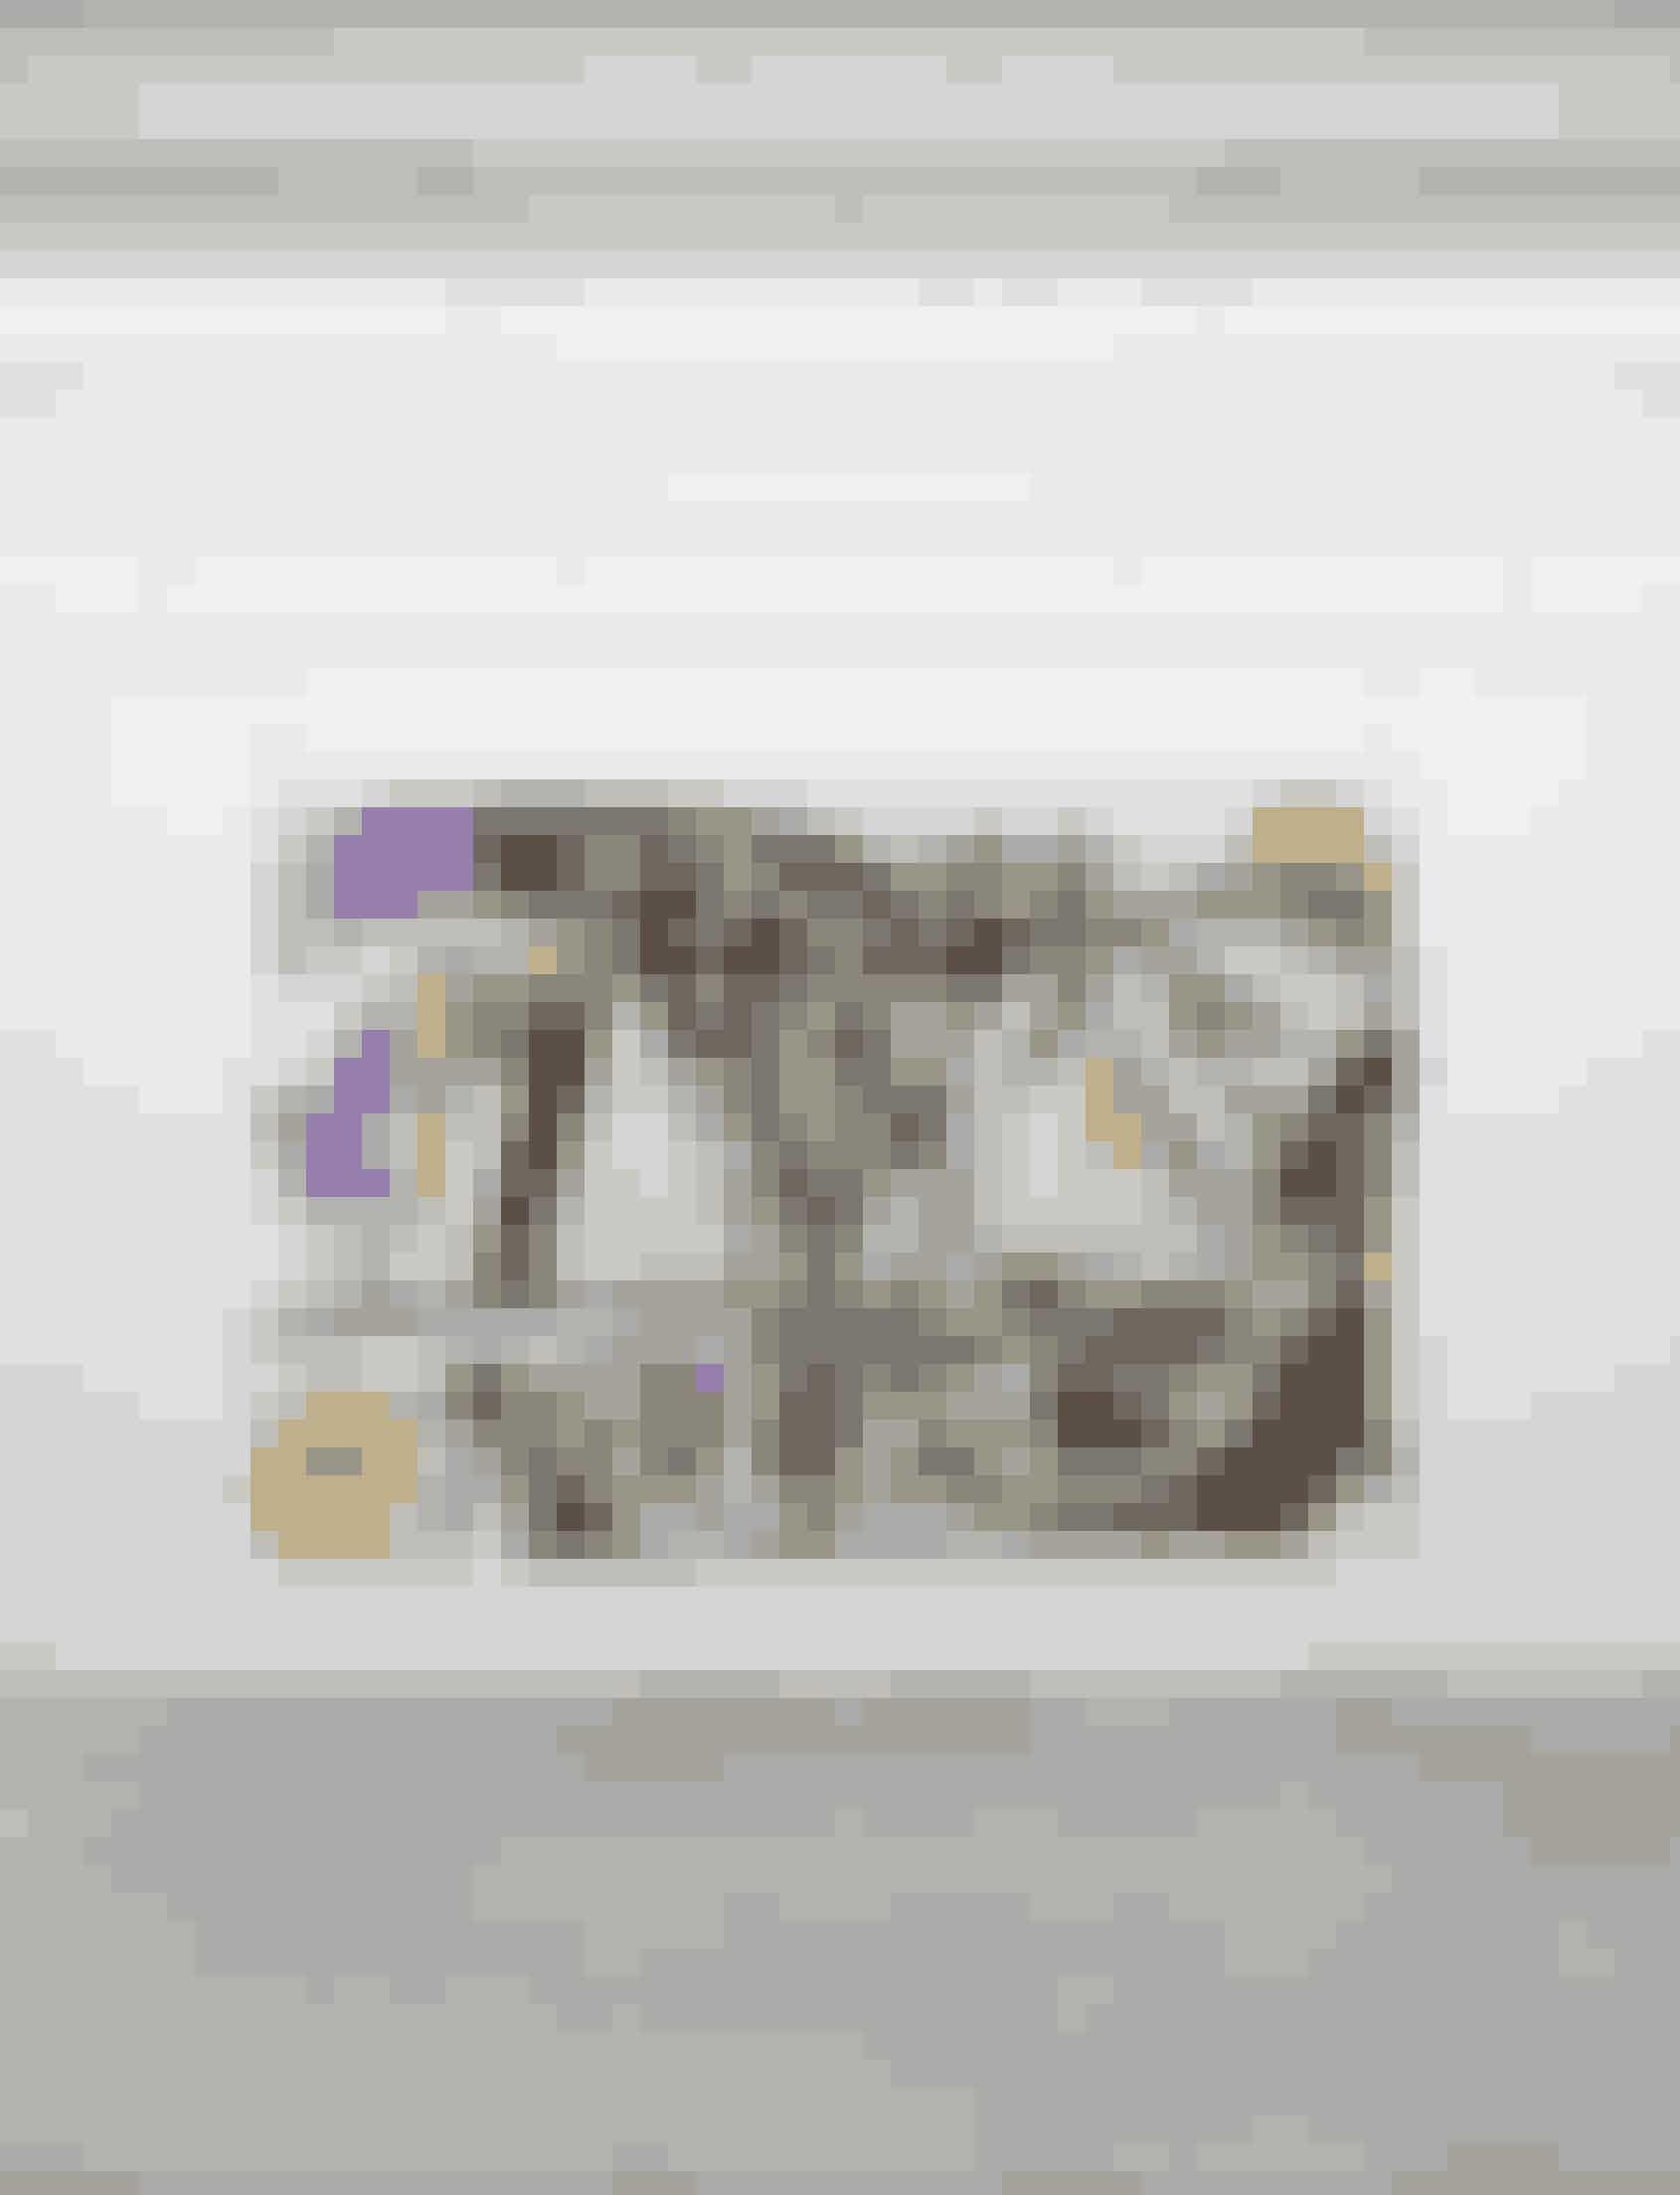 Tæppe af Anton Munar, 22.000 kr.Den danske kunstner Anton Munars primære medie er maleri, men i arbejdet med at tænke hverdagen ind i kunsten har han bredt sit virke ud og arbejdet med at male på tekstil. Det er der kommet et iøjnefaldende og farvestrålende bomulds- og uldtæppe ud af, som både kan bruges som pynt på væggen eller som tæppe i sofaen – hvis man ellers nænner det.